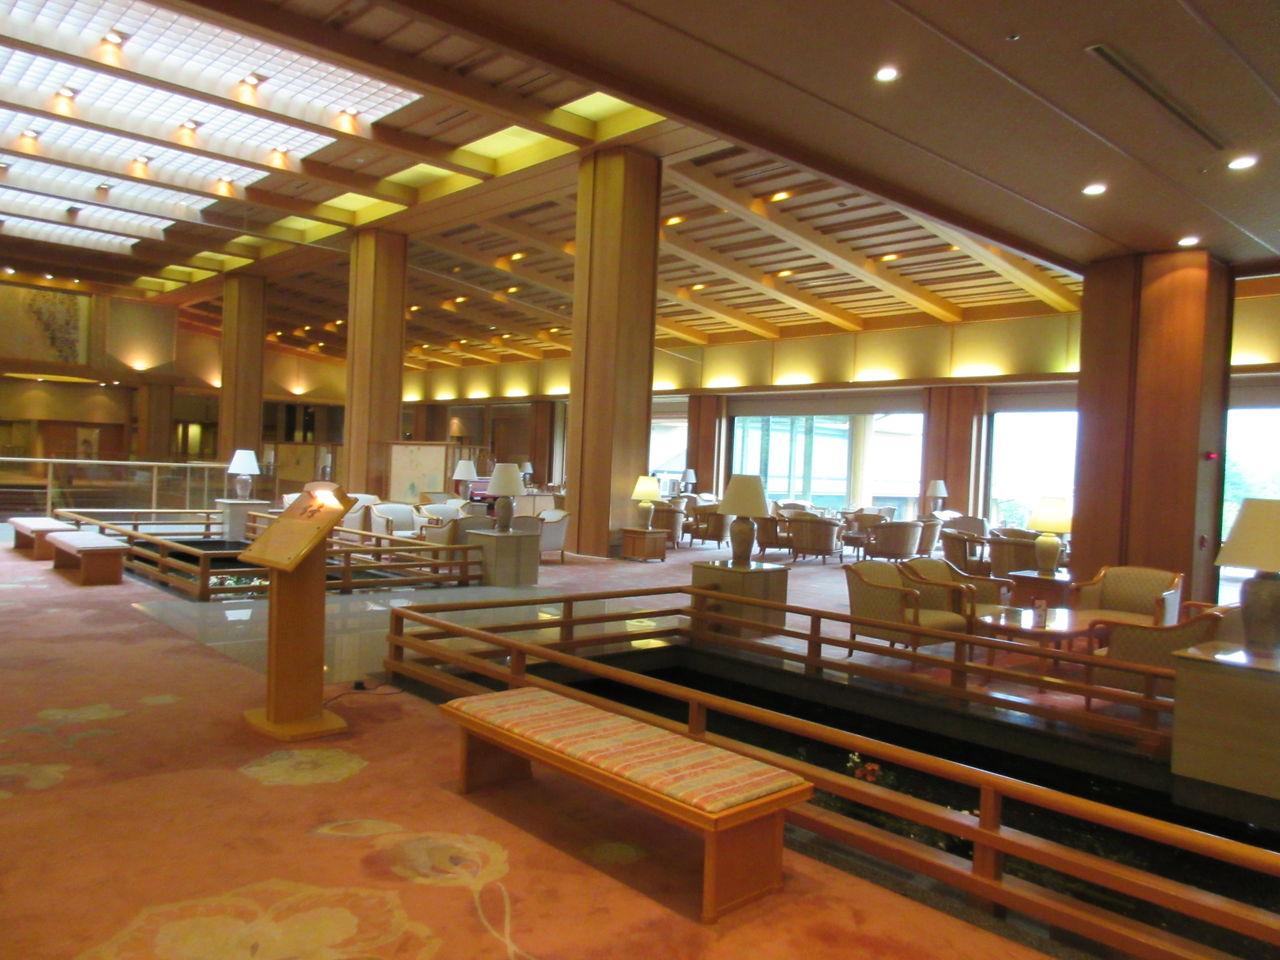 か 新潟 ほう 旅館 【新潟】露天風呂付き客室のある高級温泉旅館10選 |